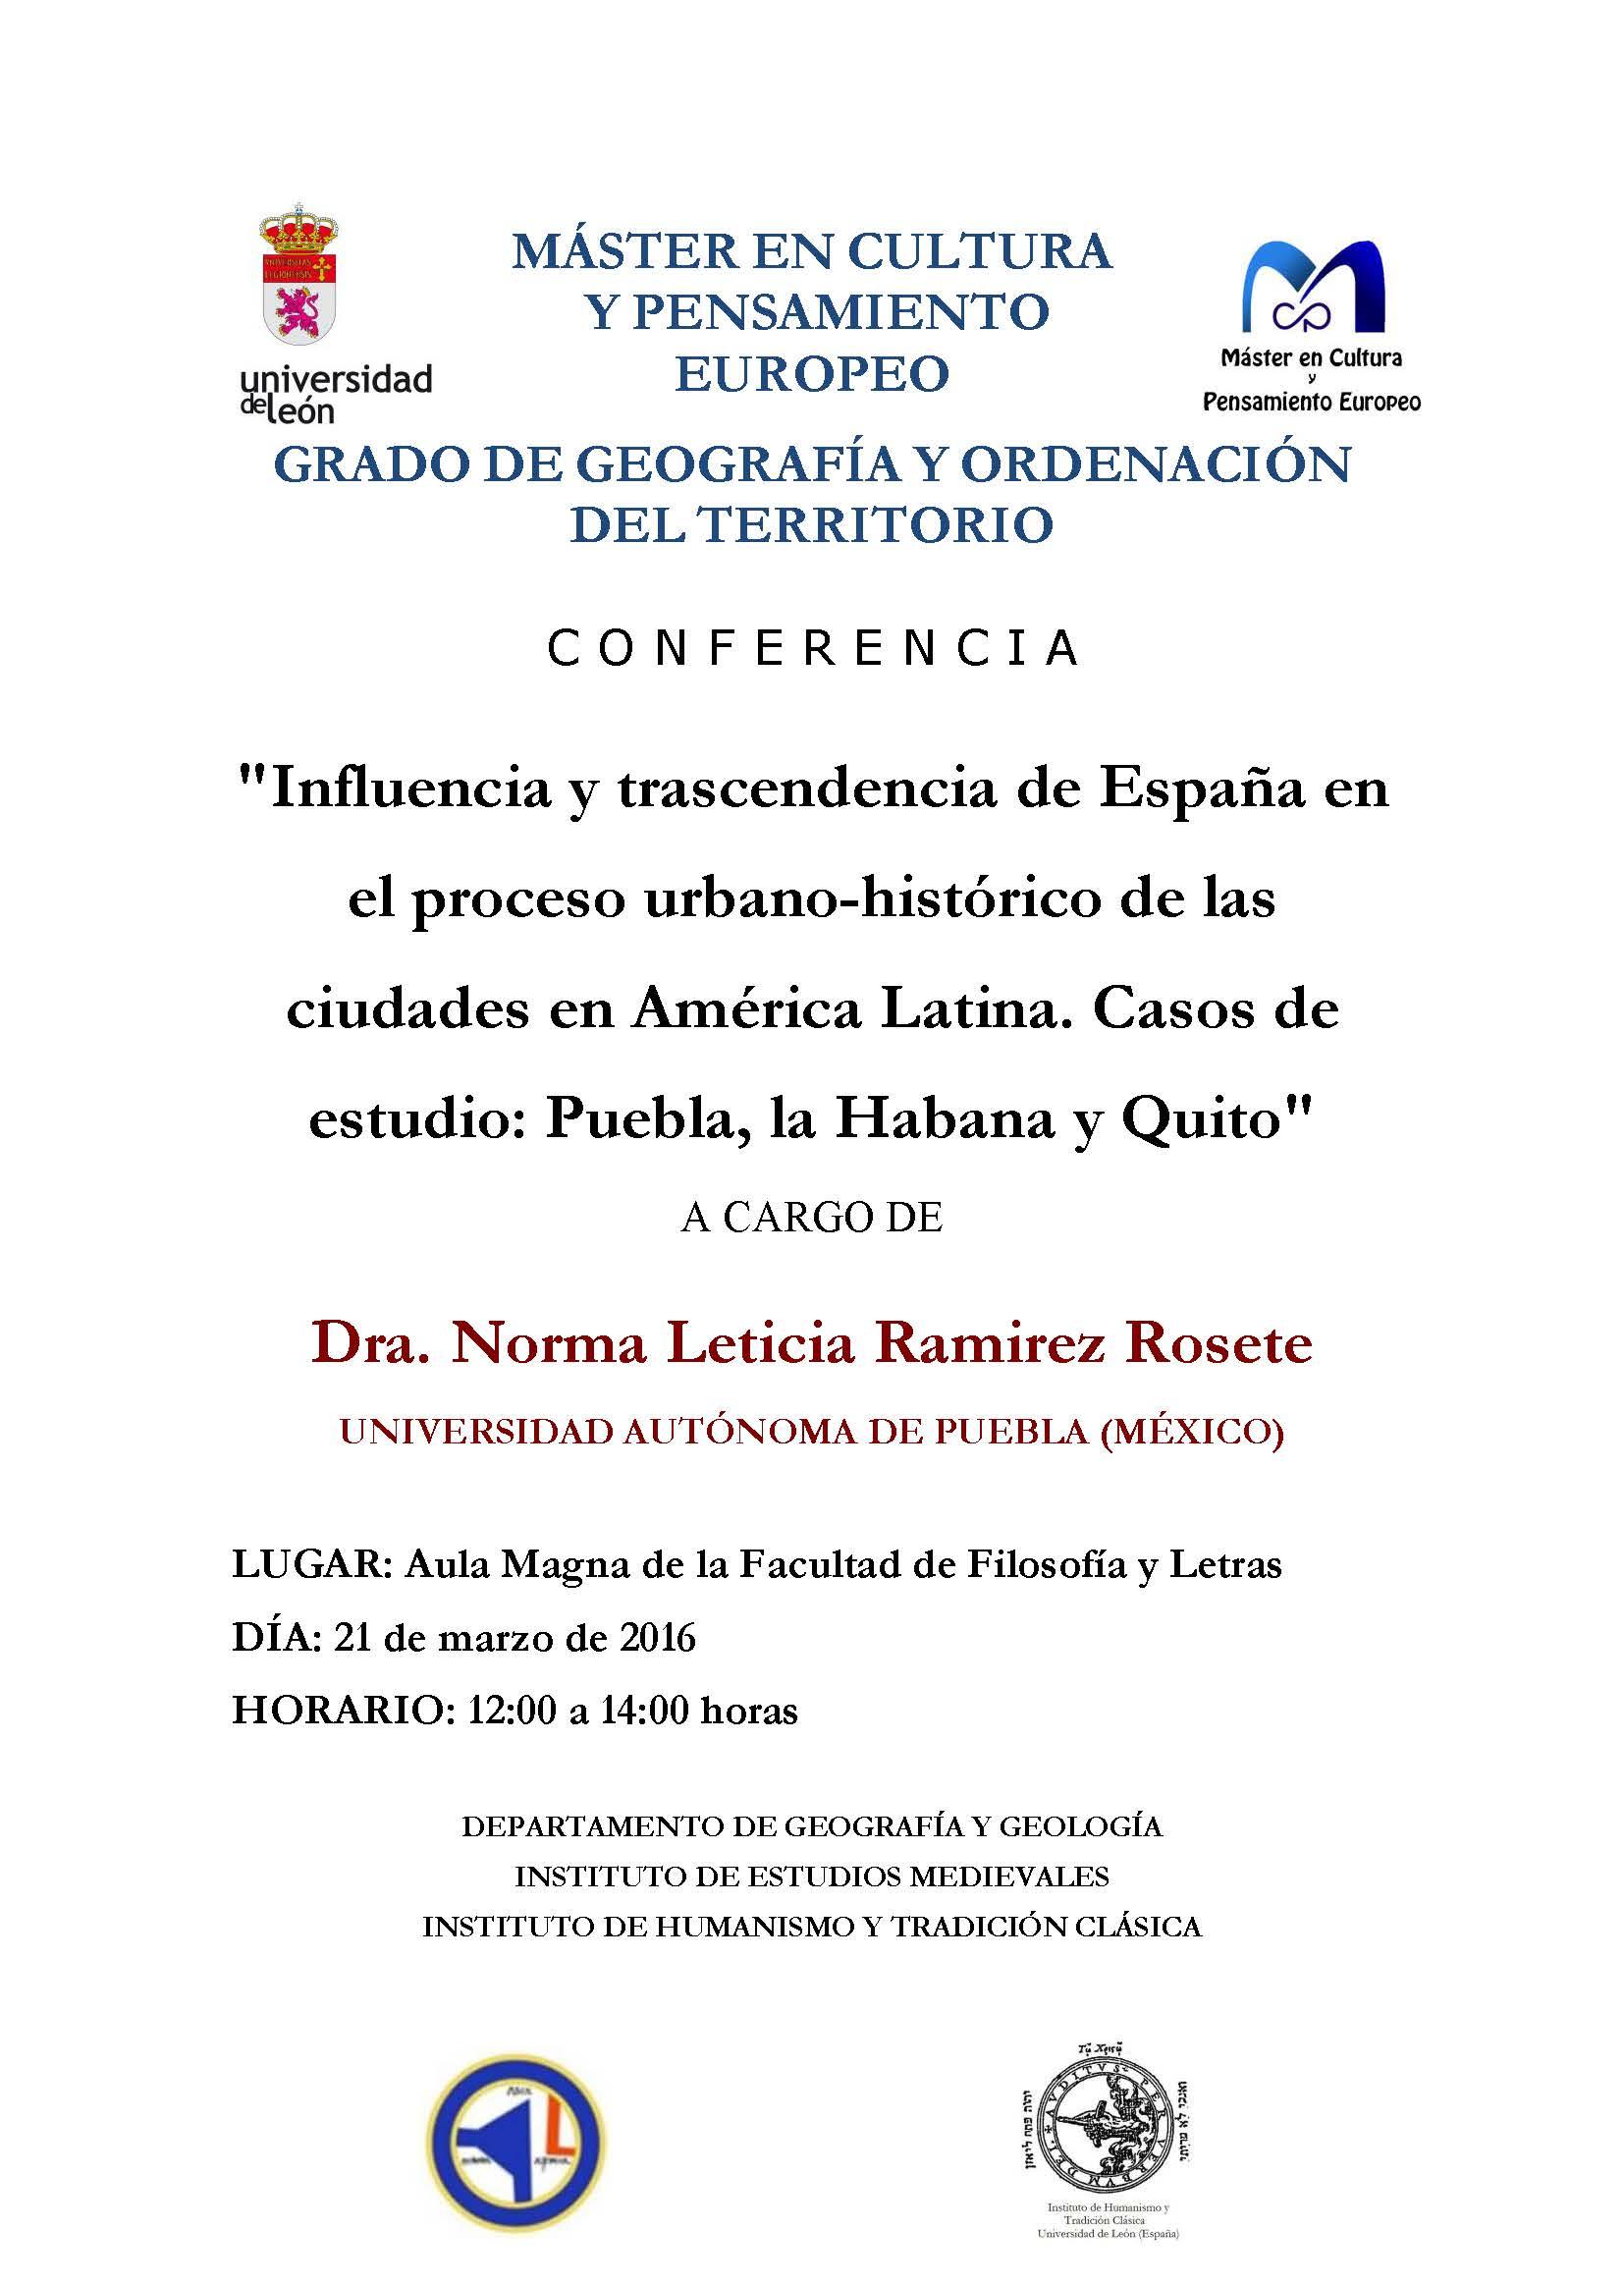 Cartelconferencia_NormaLeticia_Página_1